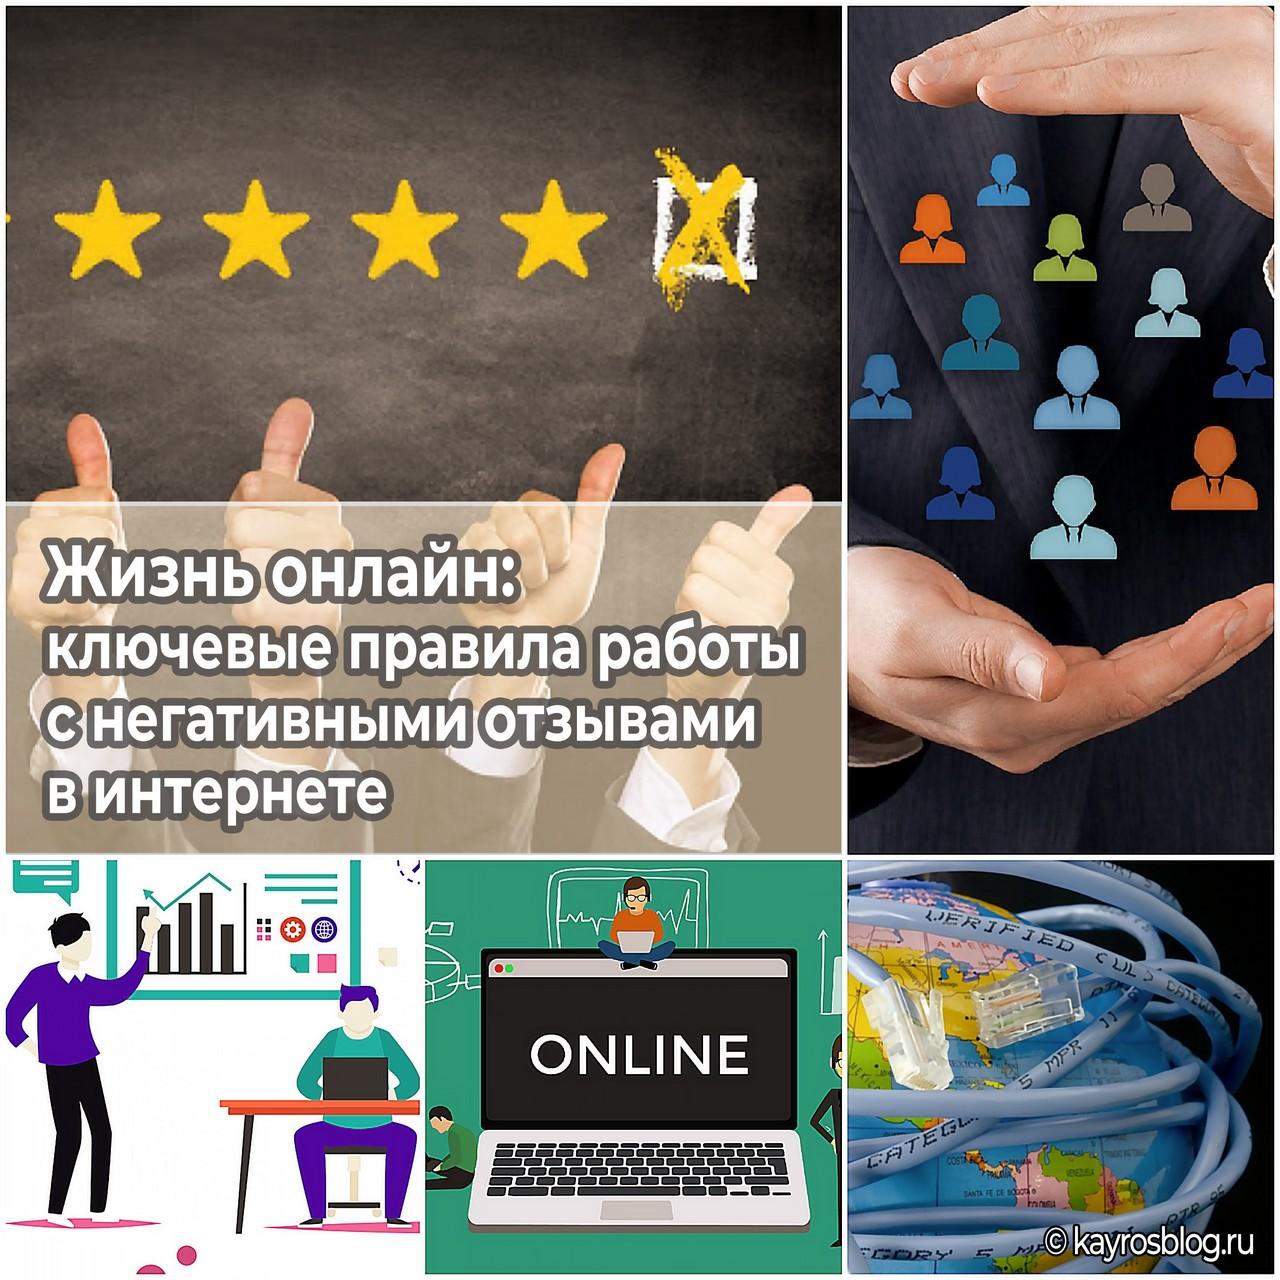 """""""Жизнь онлайн"""": ключевые правила работы с негативными отзывами в интернете"""